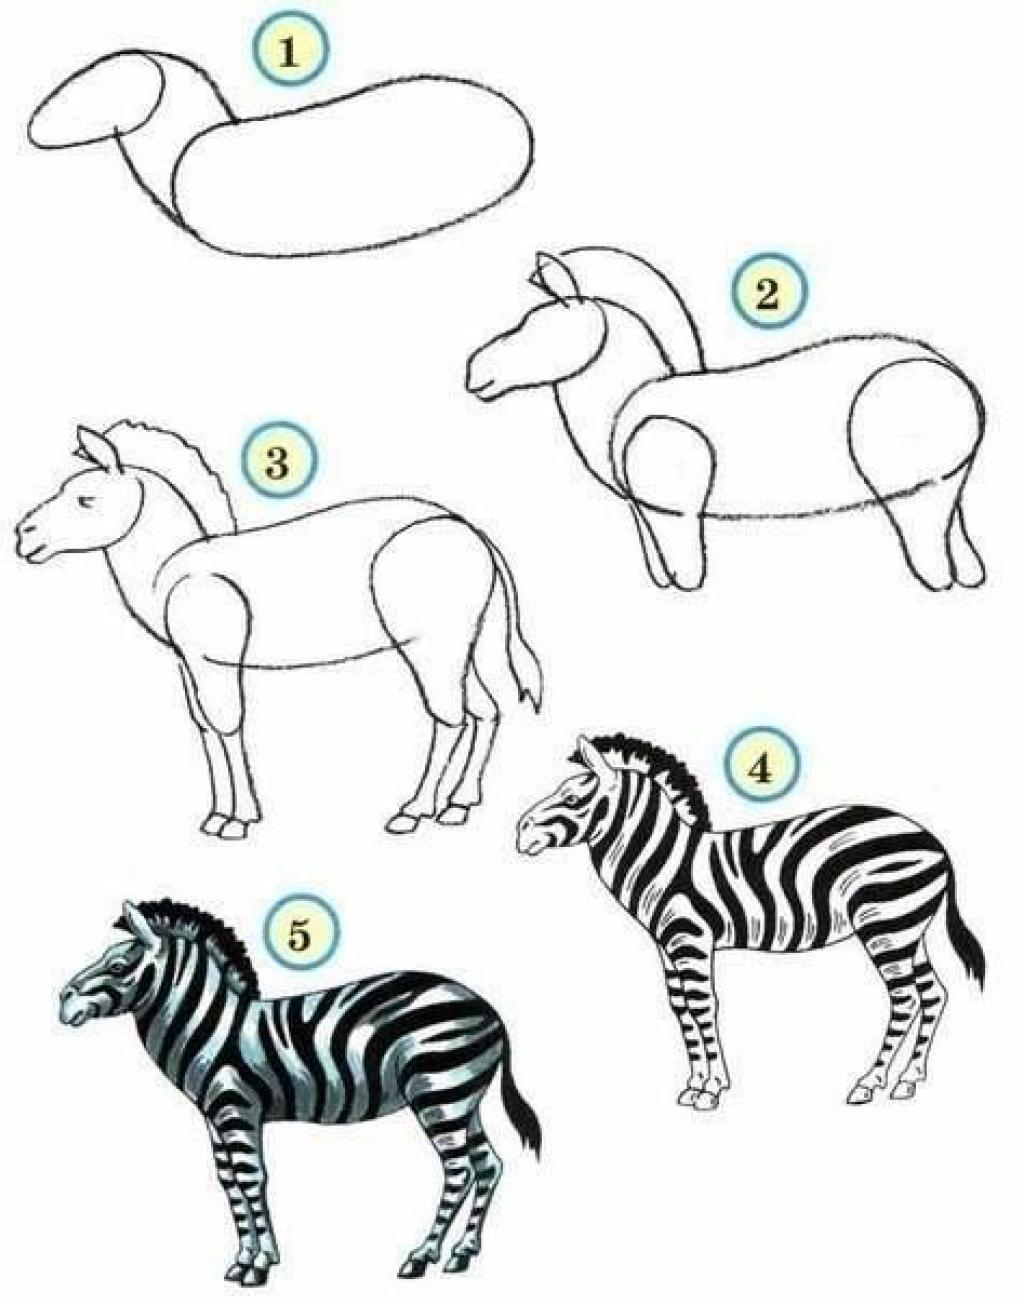 Assez 10 tutoriels photos pour apprendre à dessiner les animaux! - Trucs  FQ96